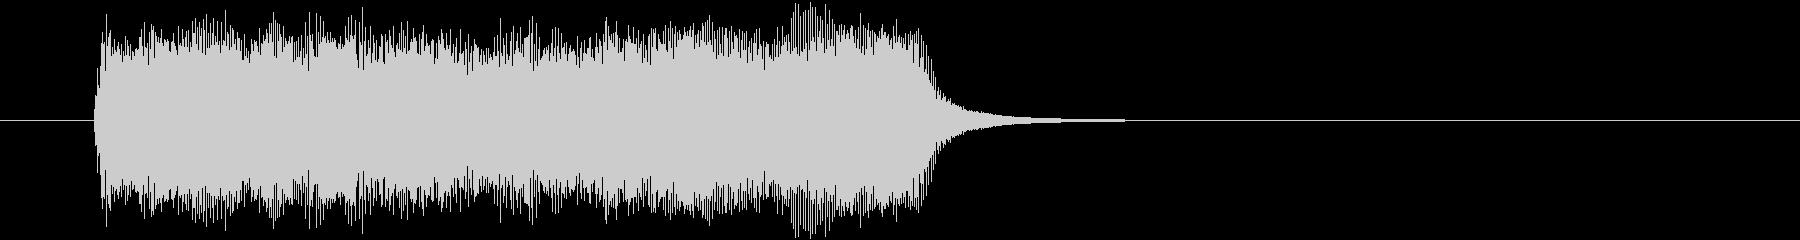 ほのぼの優しいクリスマスジングルCの未再生の波形